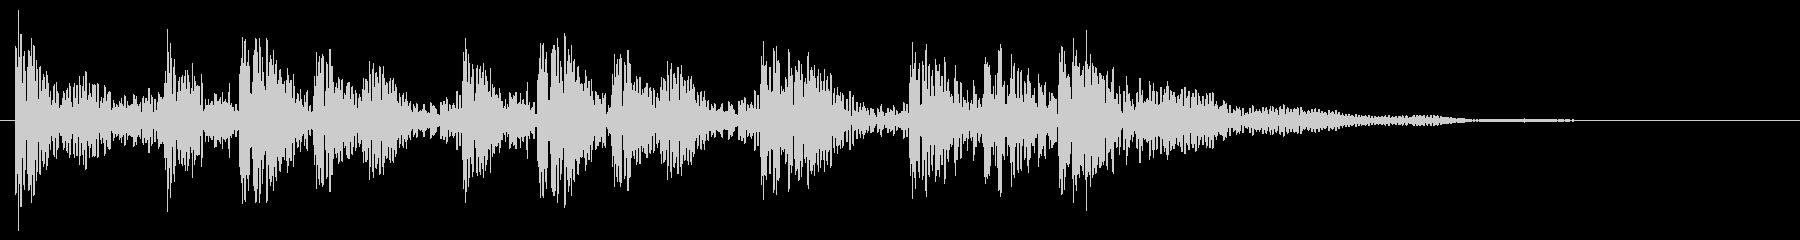 太鼓の転回音 場面転換 ゲームクリアの未再生の波形